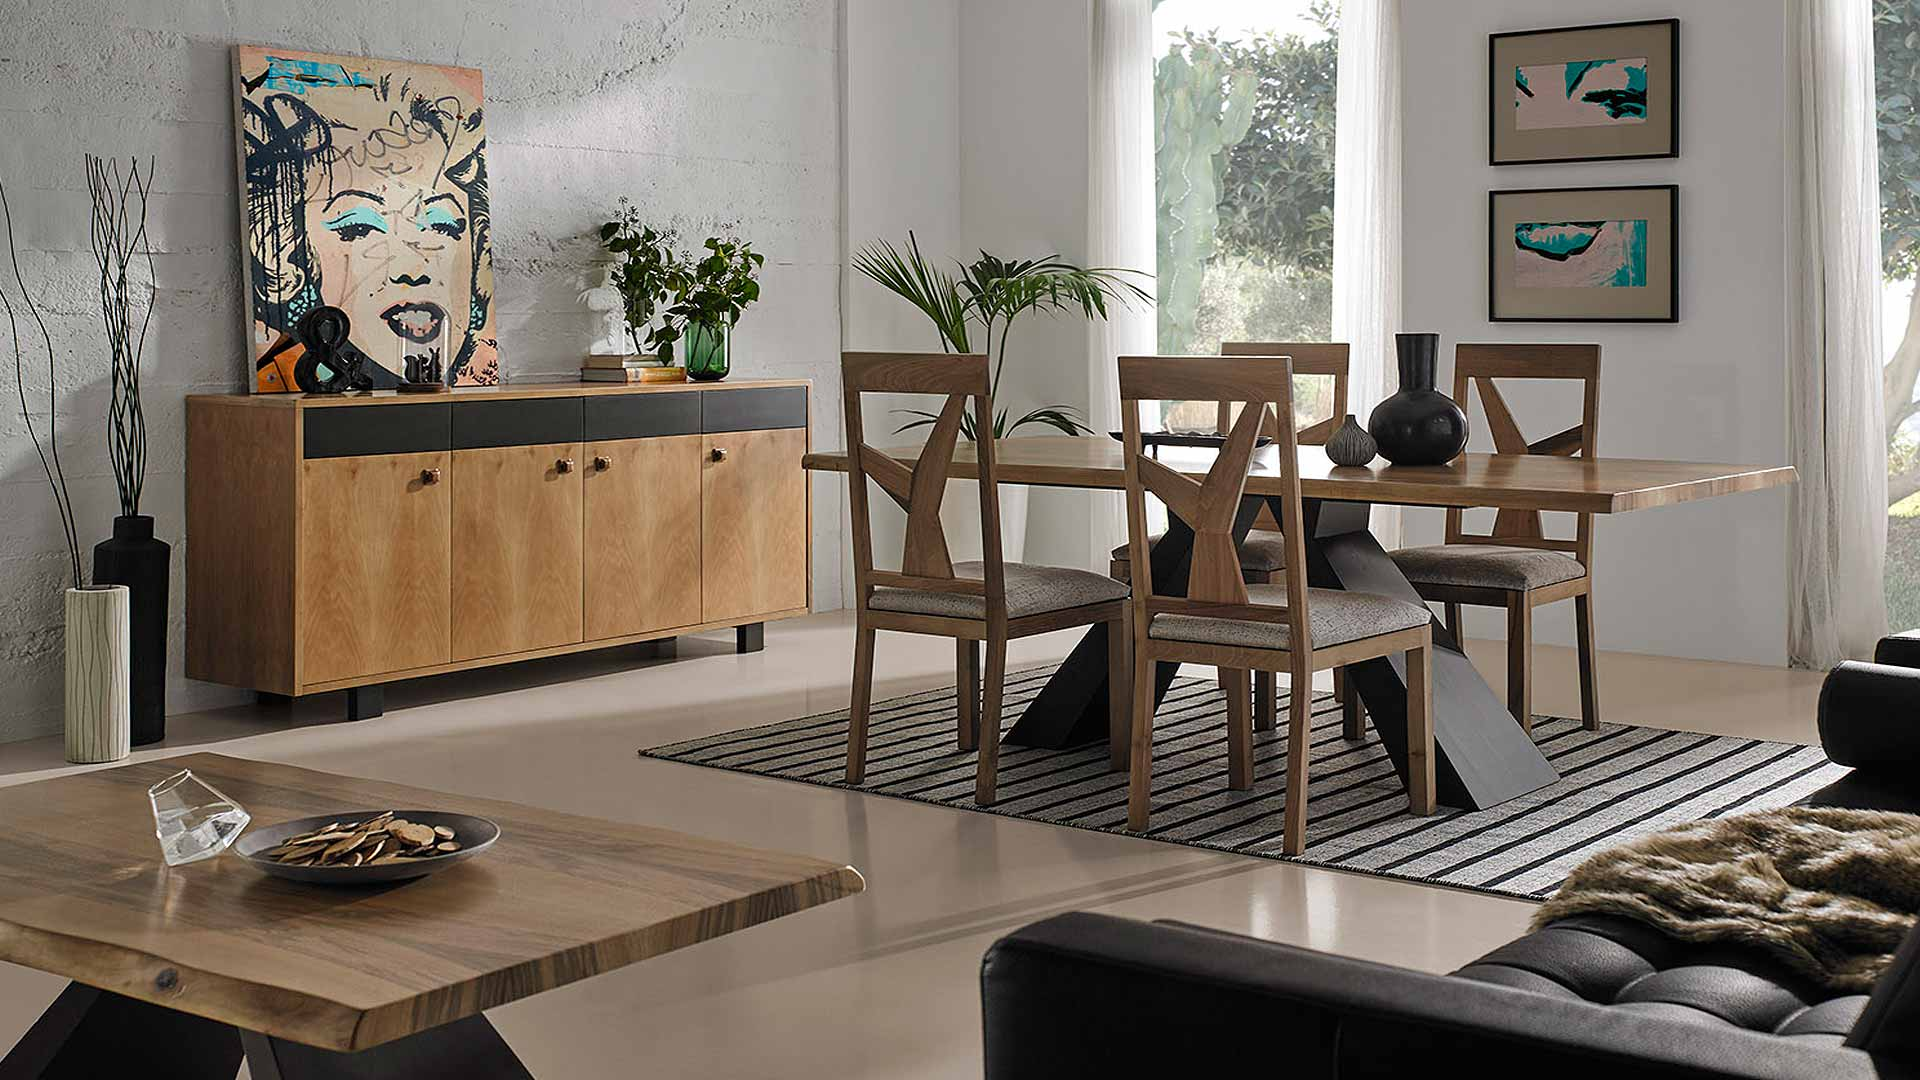 Muebles Arribas Decoradores Mueblistas en Segovia